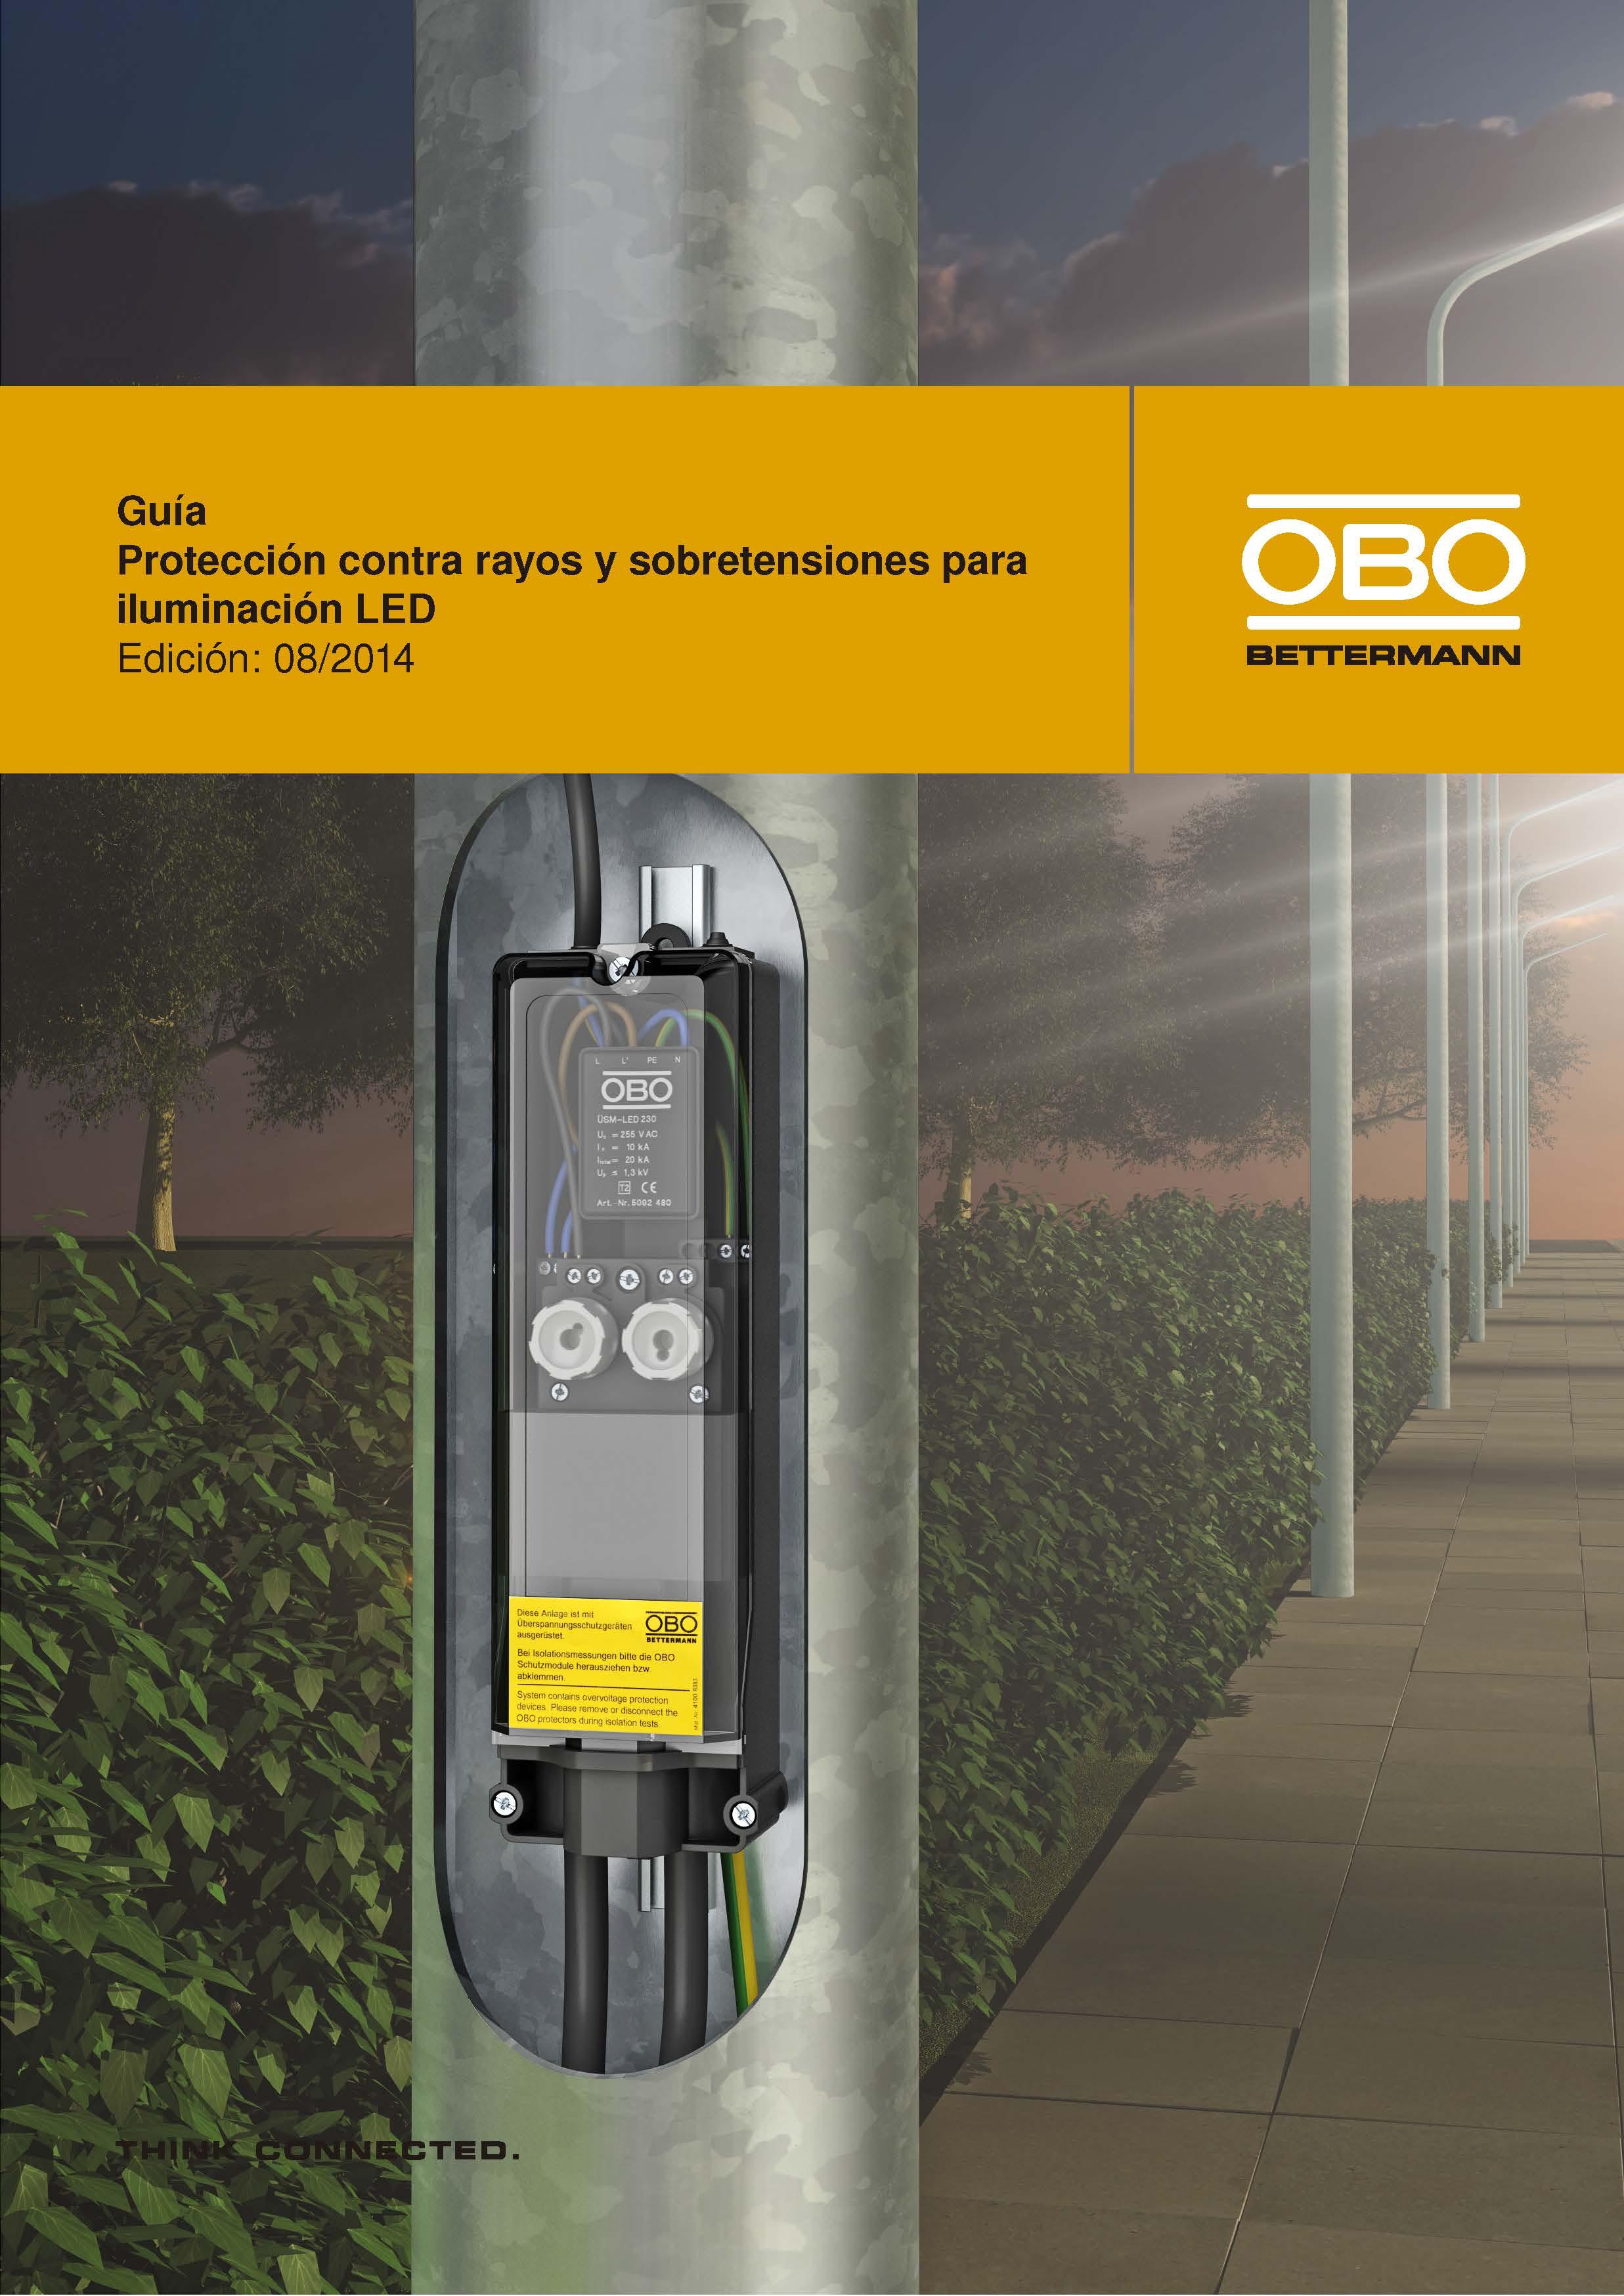 Protección contra Rayos y Sobretensiones para Iluminación LED